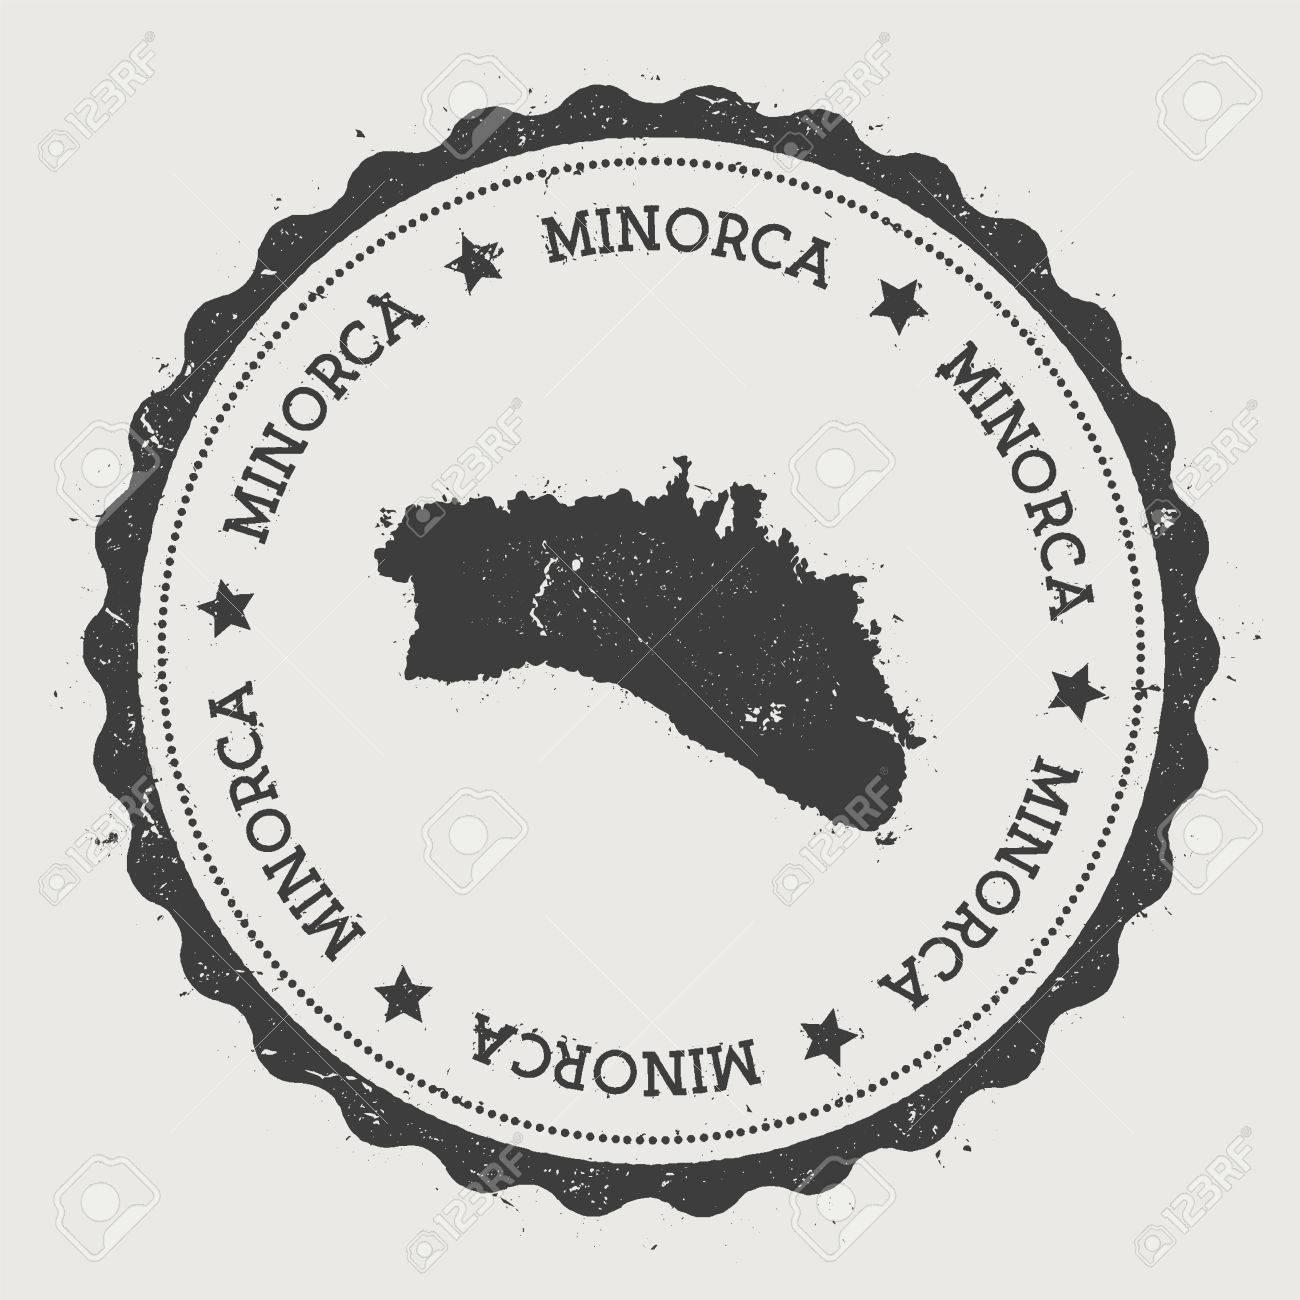 Insel Menorca Karte.Stock Photo